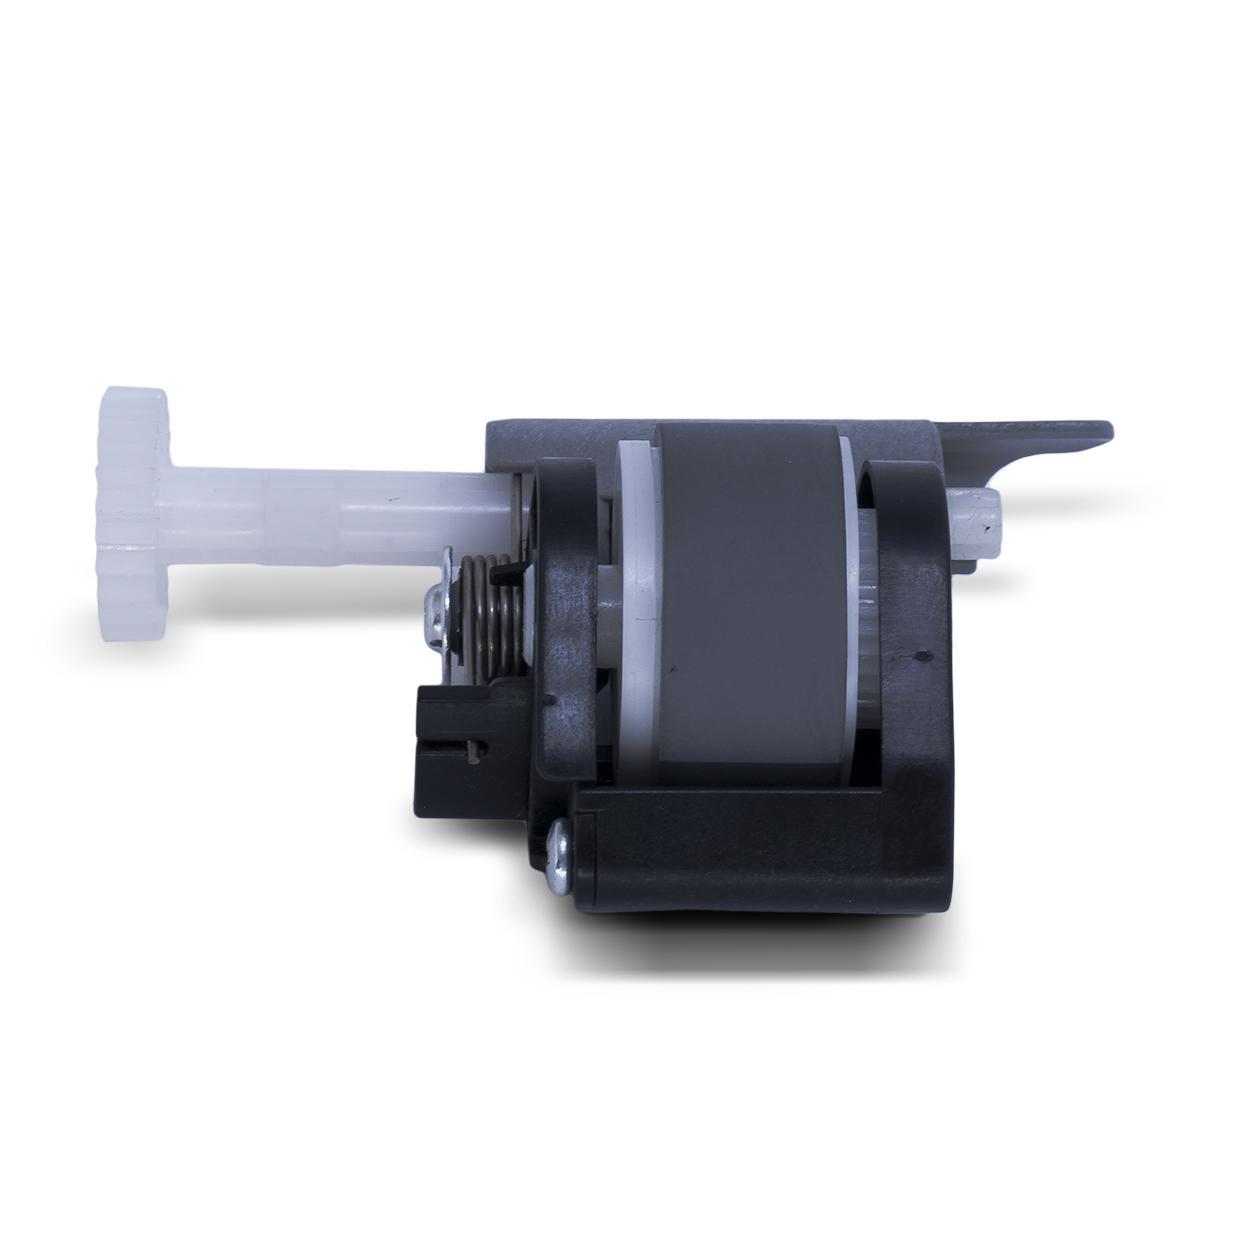 Tracionador de Papel da Epson T22, T25, TX120, TX123, TX125, TX130, TX133 e TX135